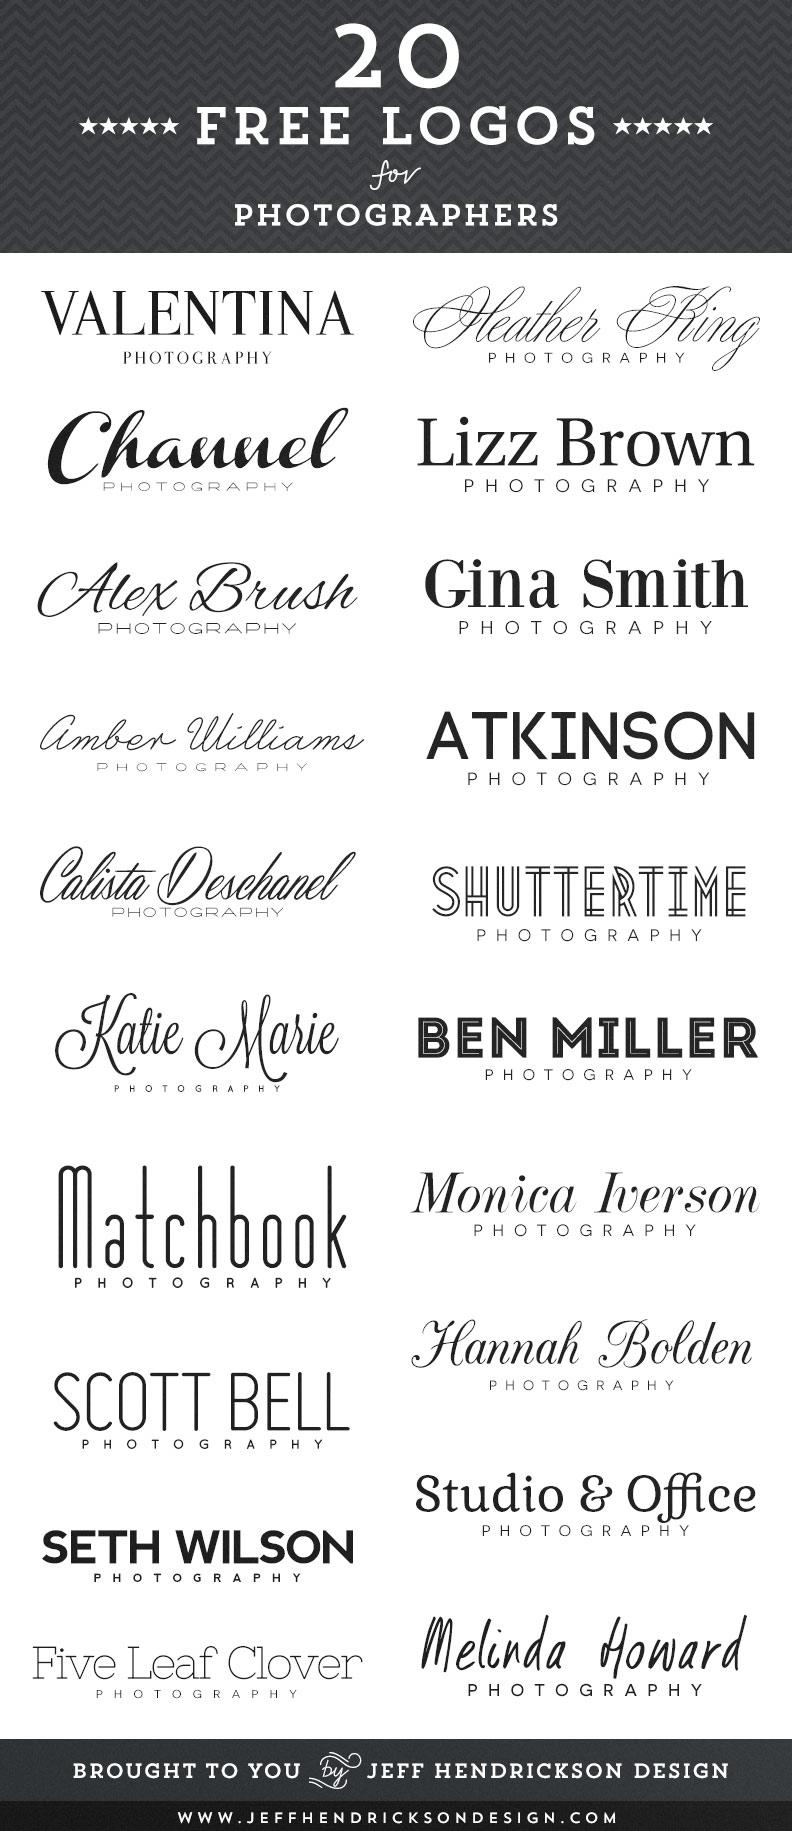 20 logotipos de fotógrafo gratis